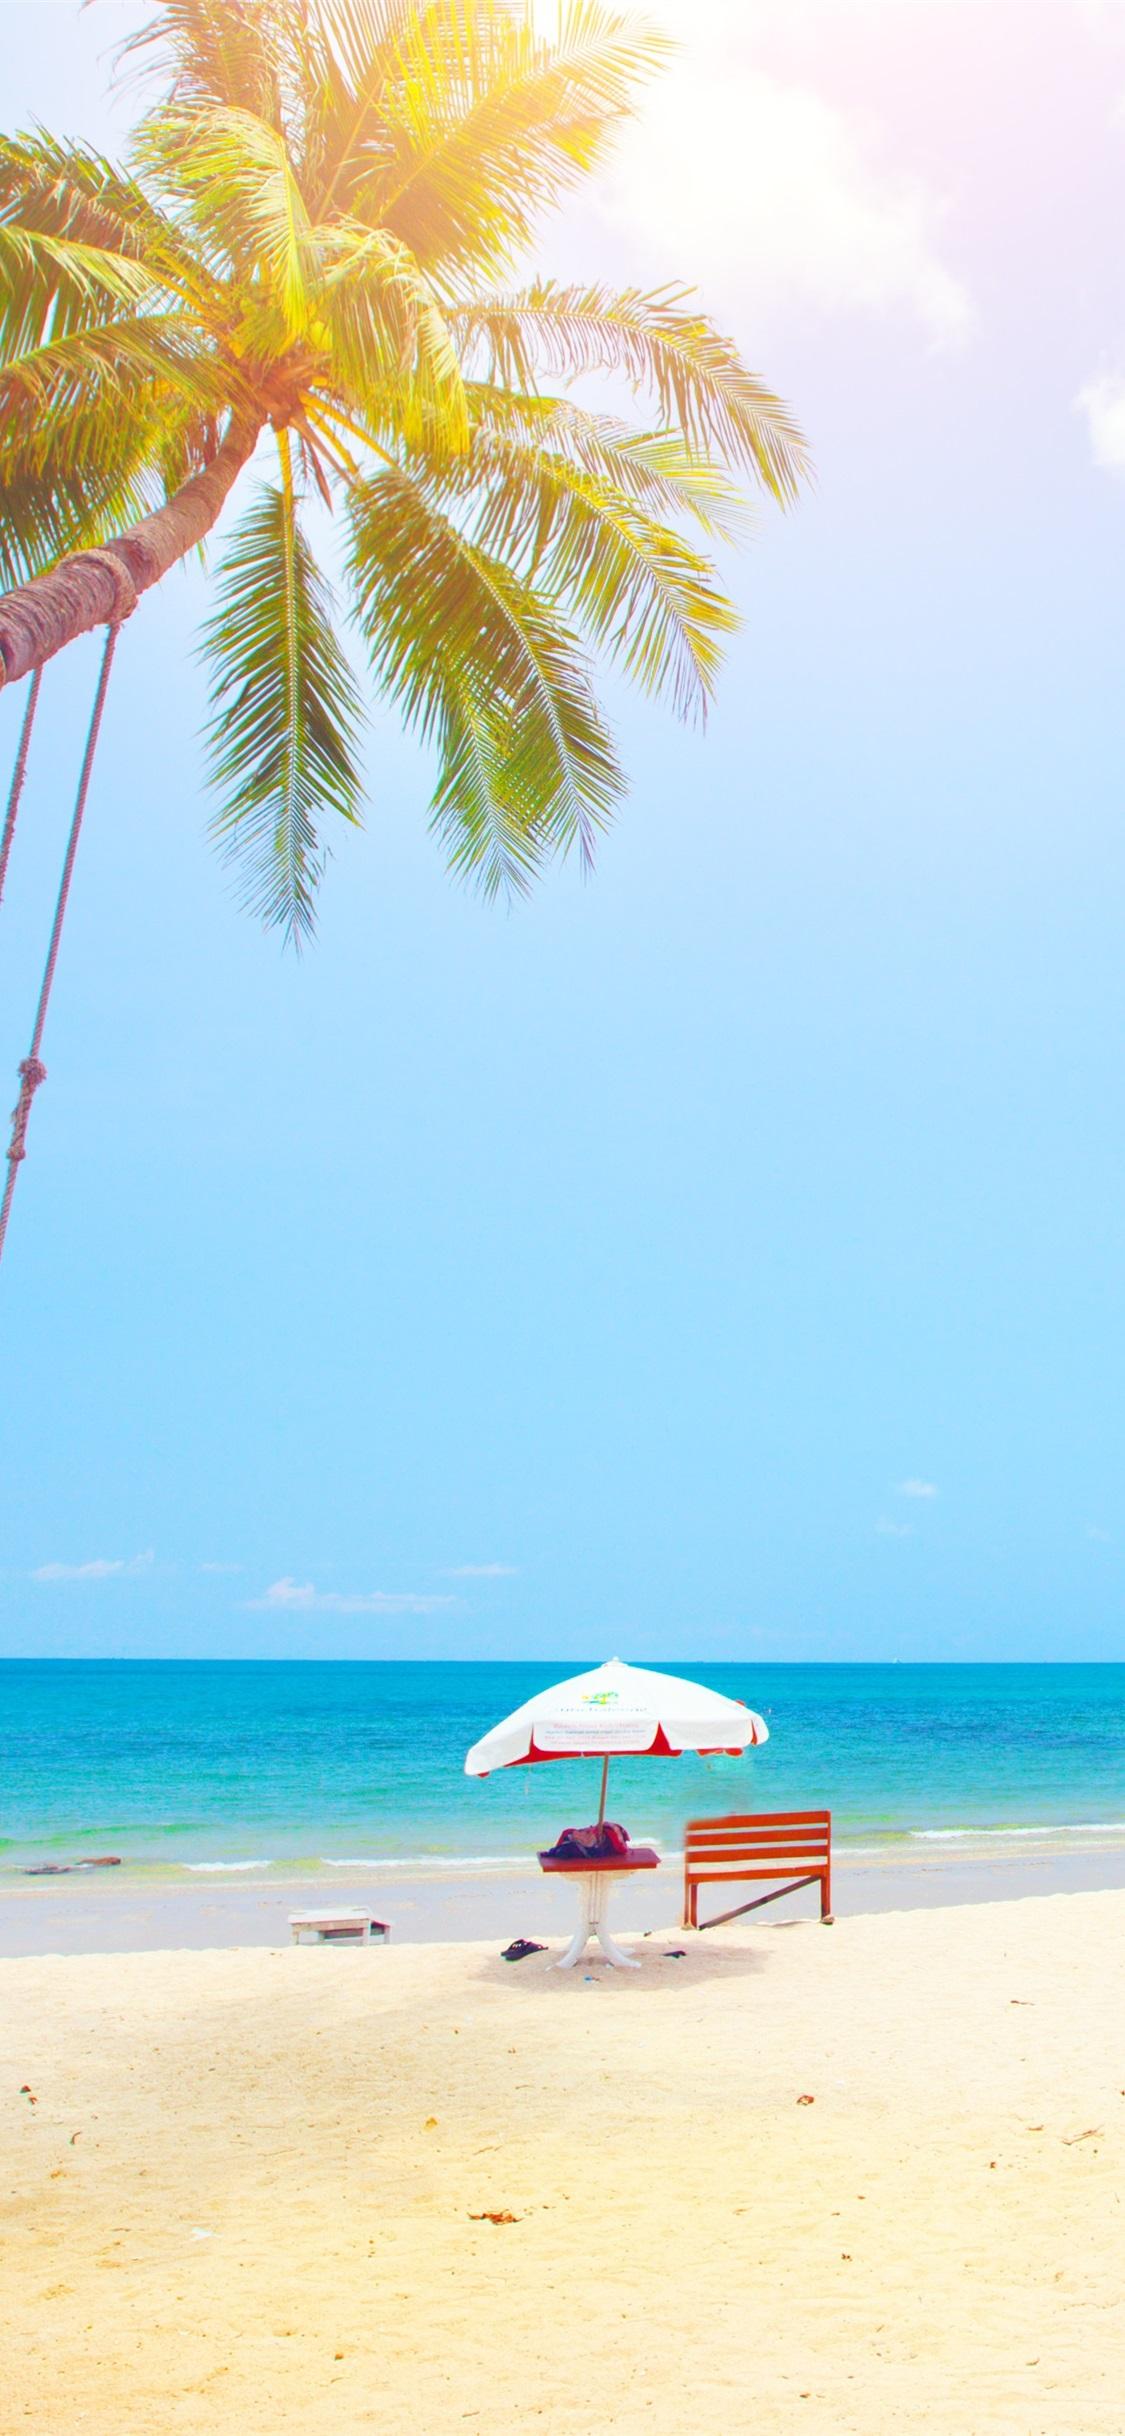 夏 熱帯 ヤシの木 ビーチ 海 1125x2436 Iphone 11 Pro Xs X 壁紙